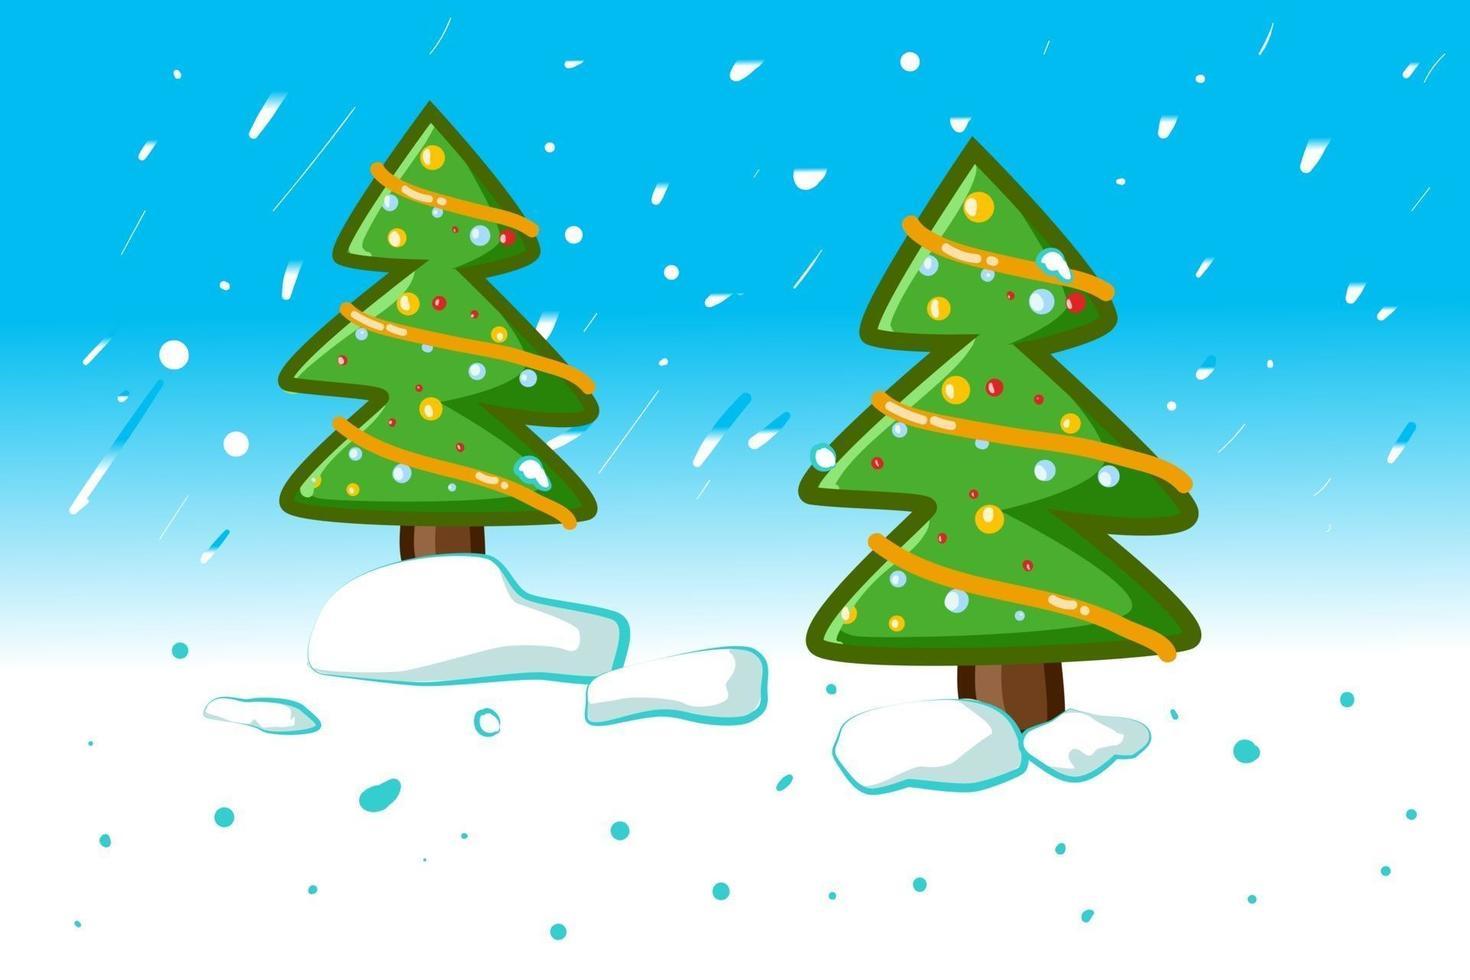 duas pequenas árvores de natal de abeto no inverno vetor